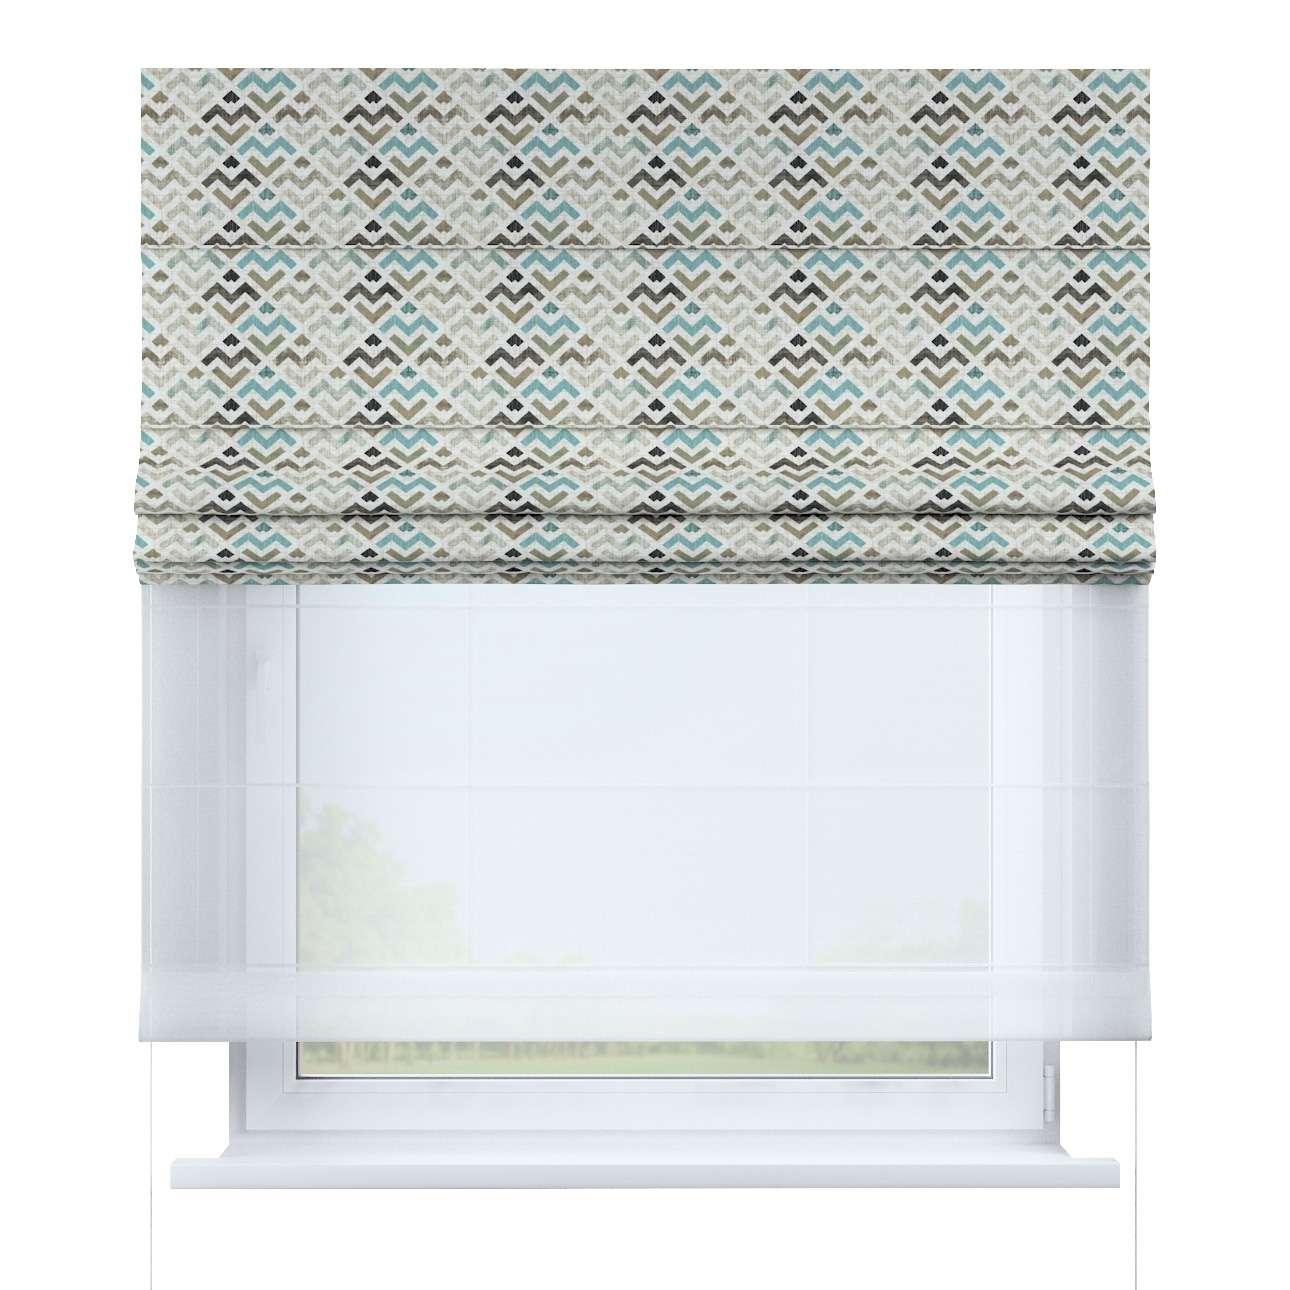 Vouwgordijn Duo van de collectie Modern, Stof: 141-93